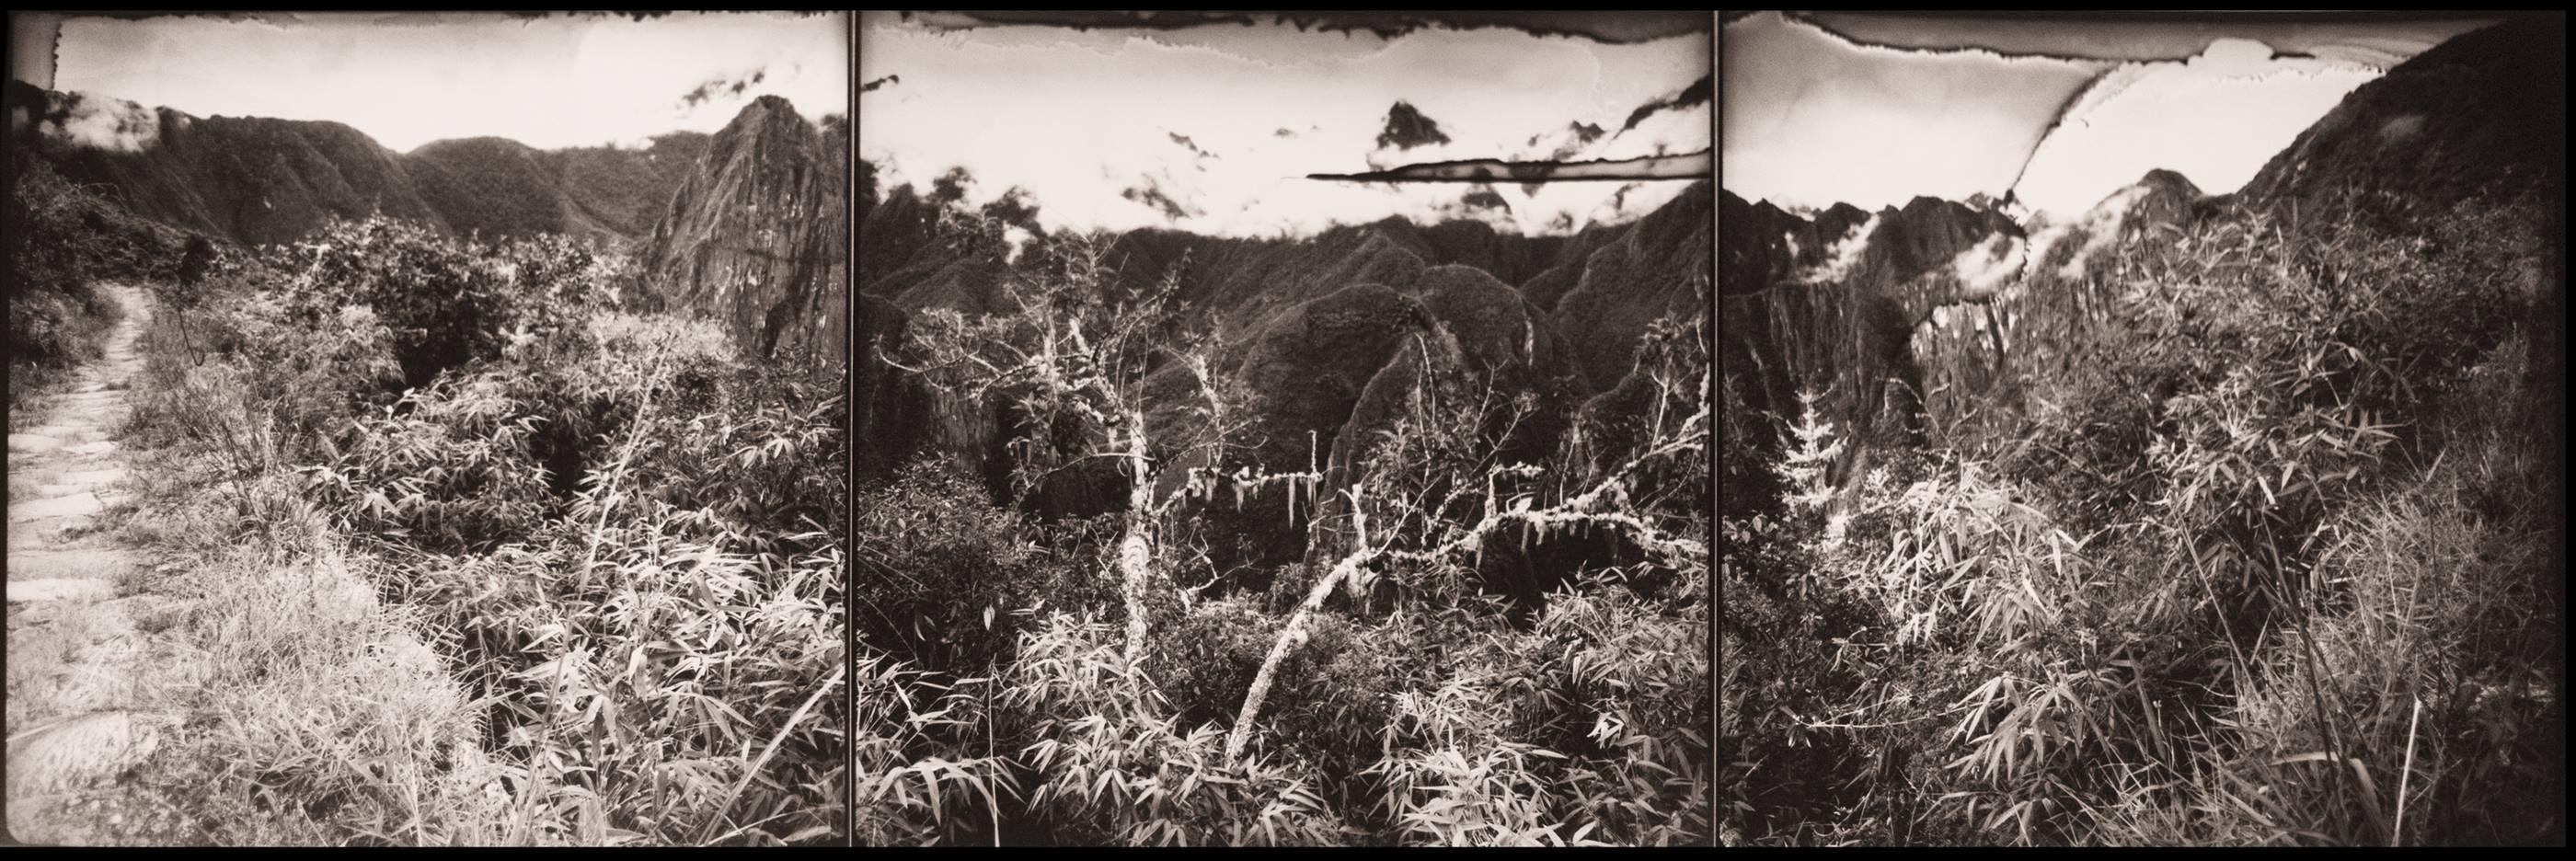 Camino del Inca, 1994<br/>Virado de oro / Golden Toner